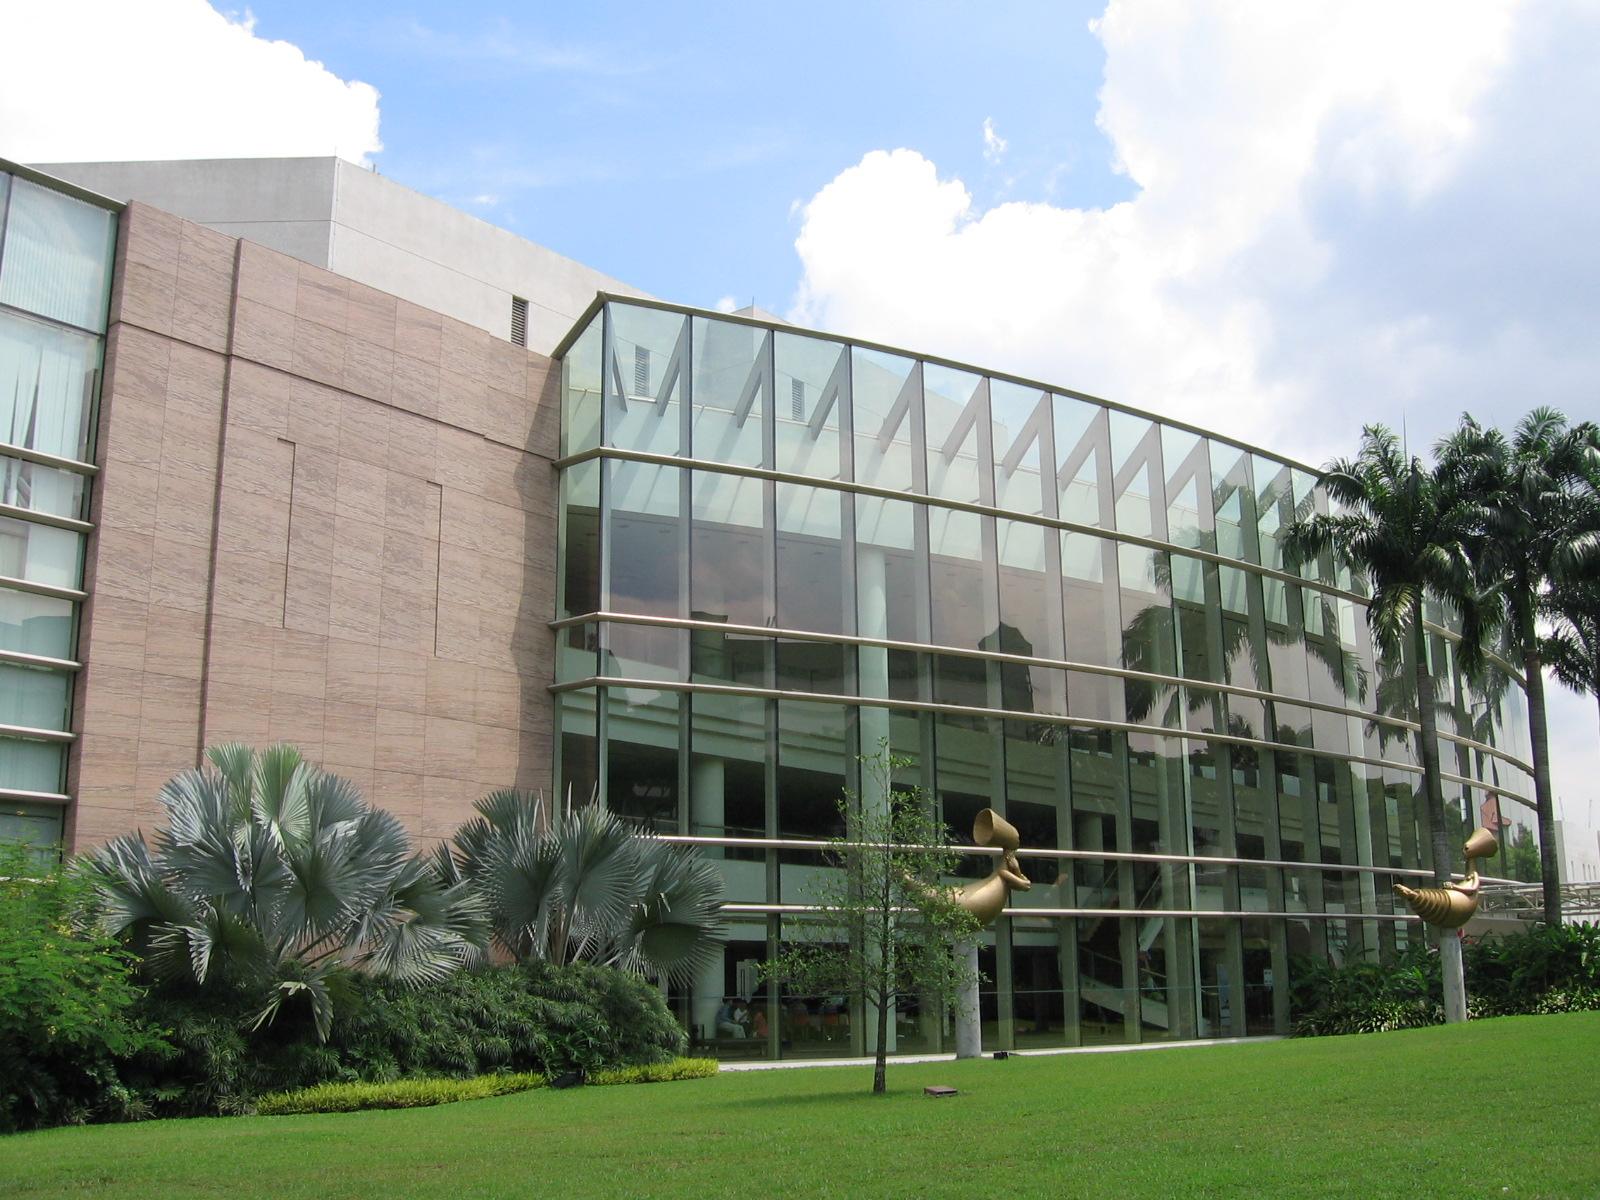 image of National University of Singapore